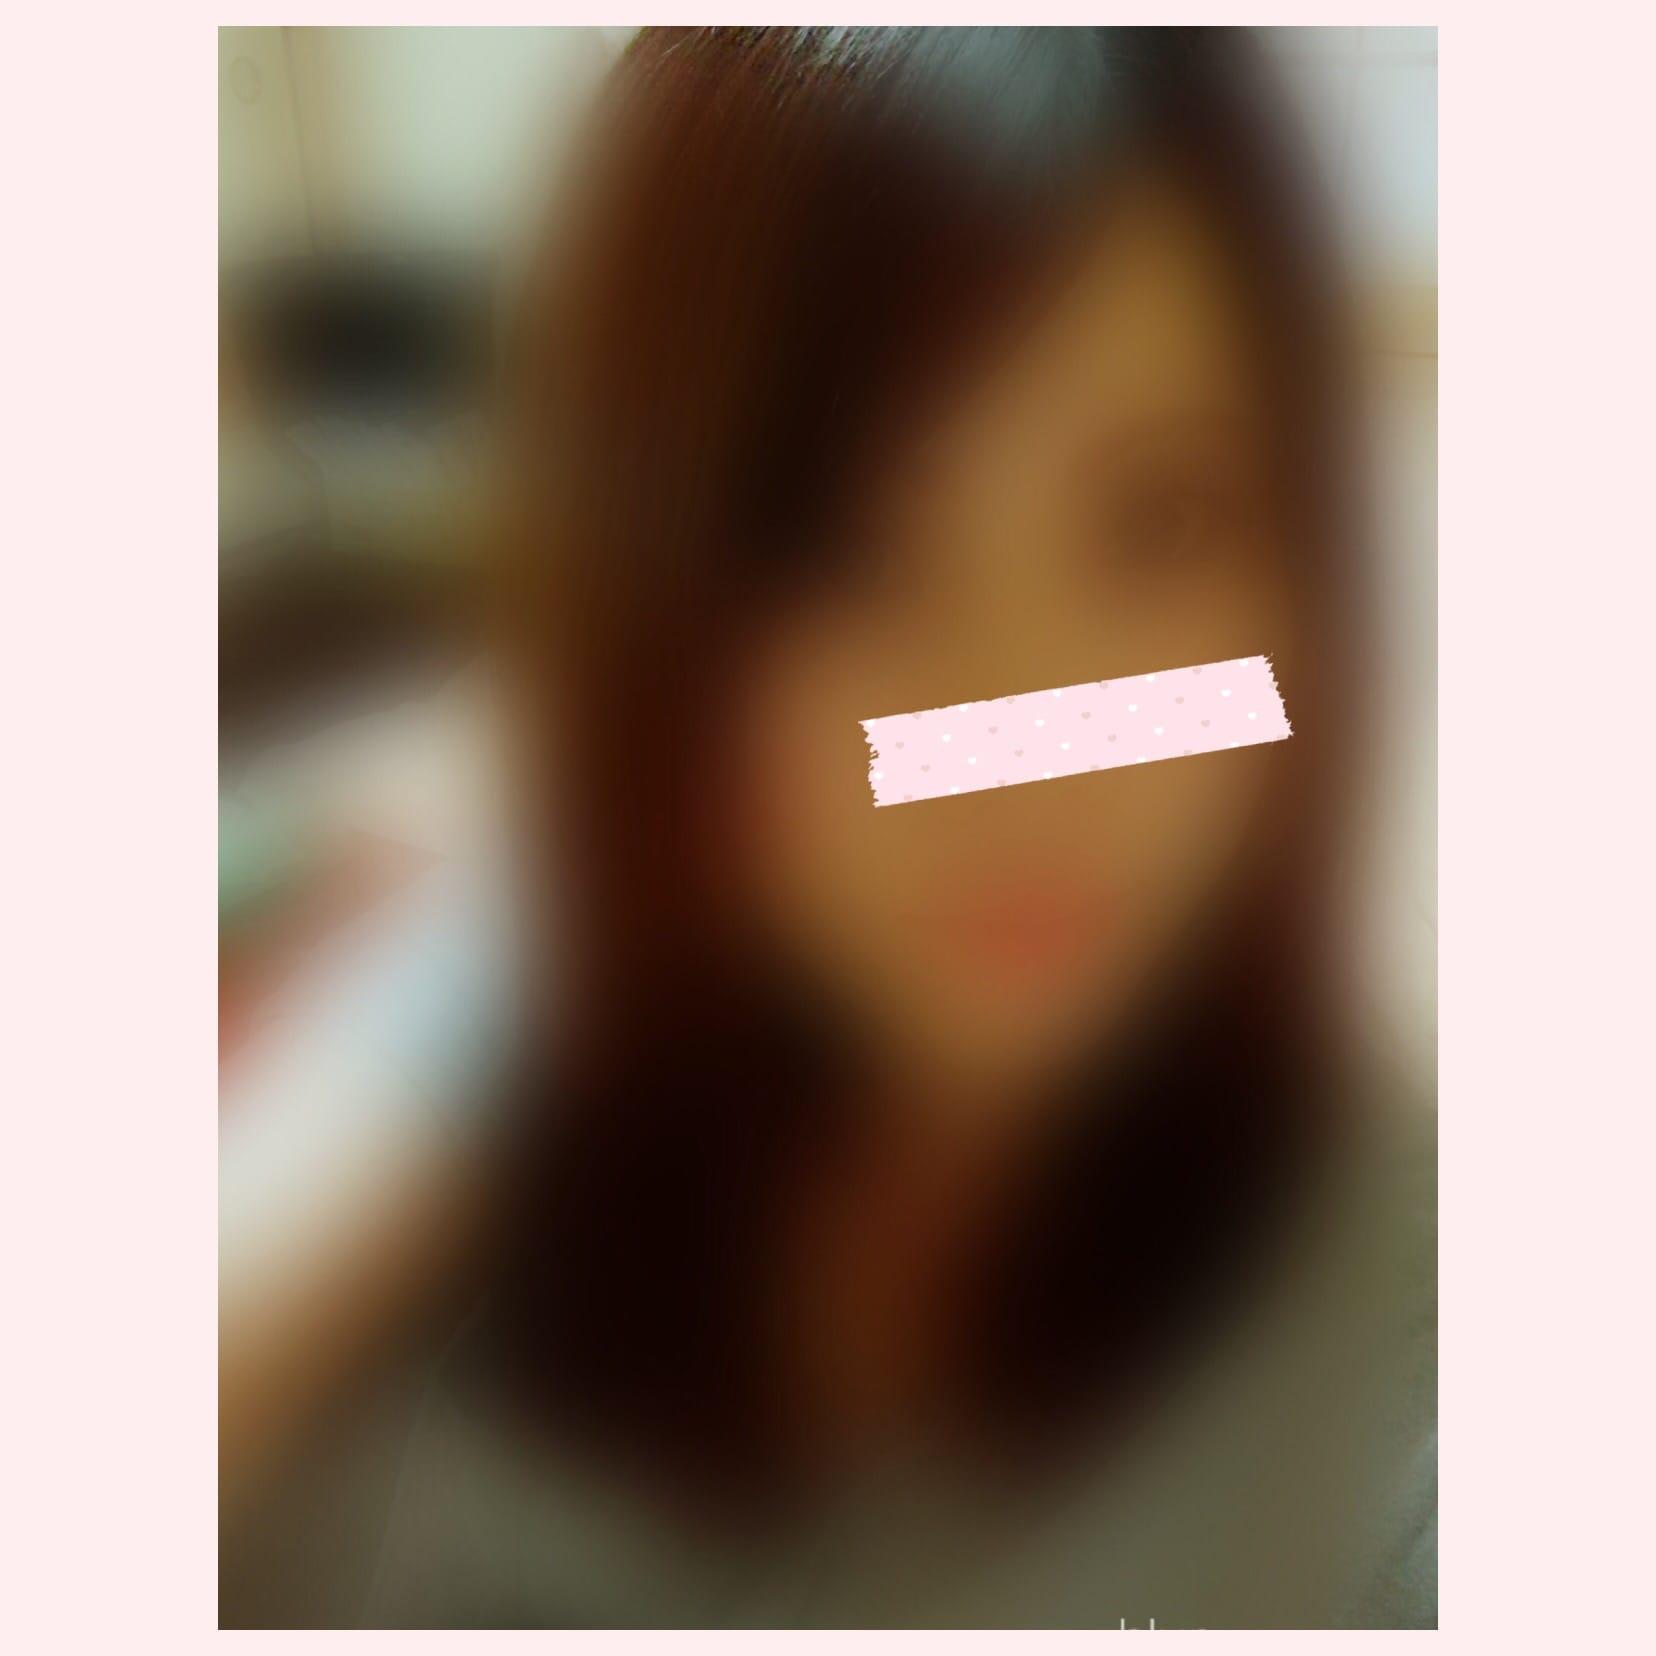 「お久しぶりです」05/07(05/07) 21:42 | なつみの写メ・風俗動画